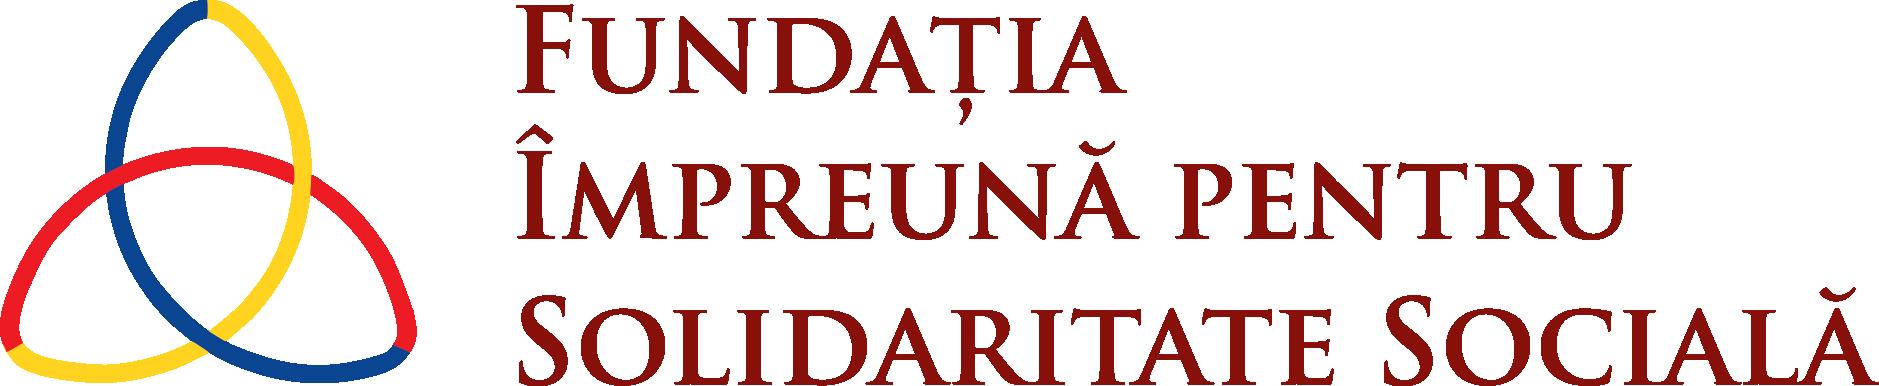 Fundația Impreună pentru Solidaritate Socială logo